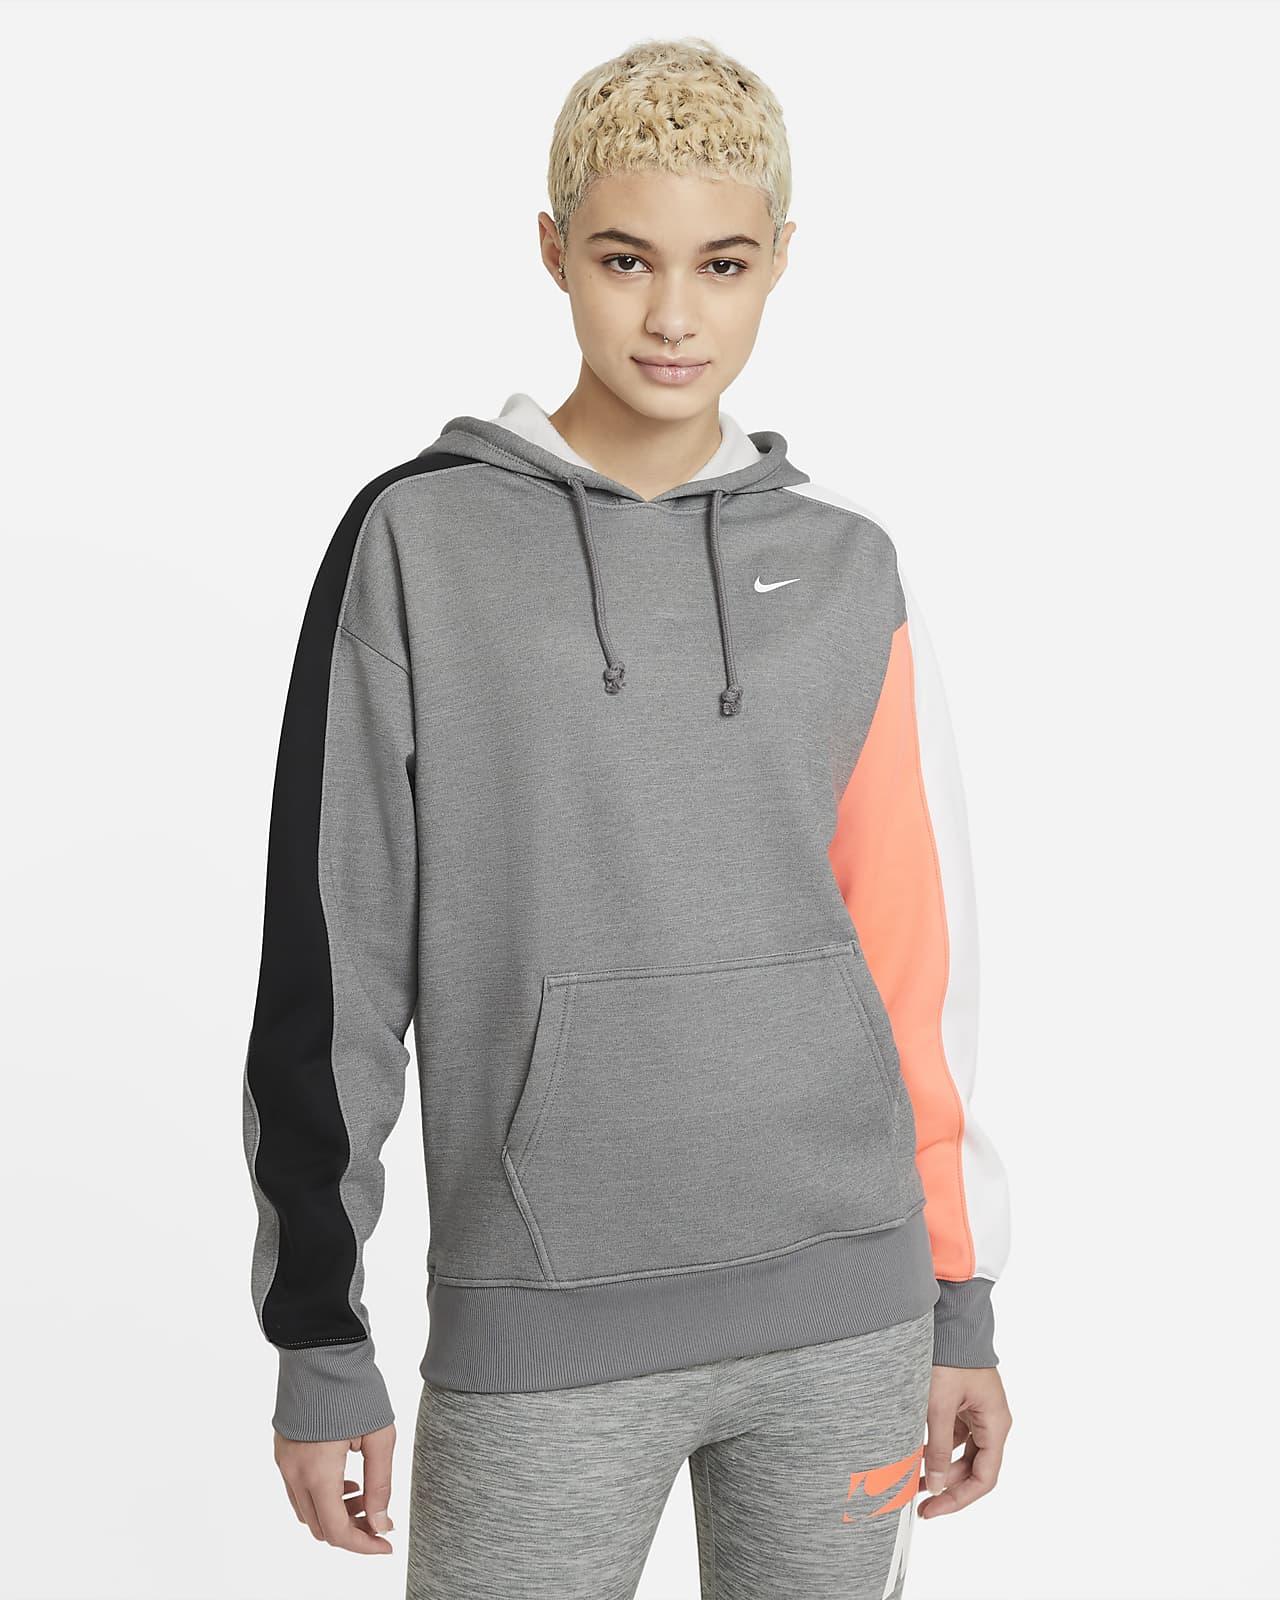 Nike Therma Renk Bloklu Kapüşonlu Kadın Antrenman Sweatshirt'ü